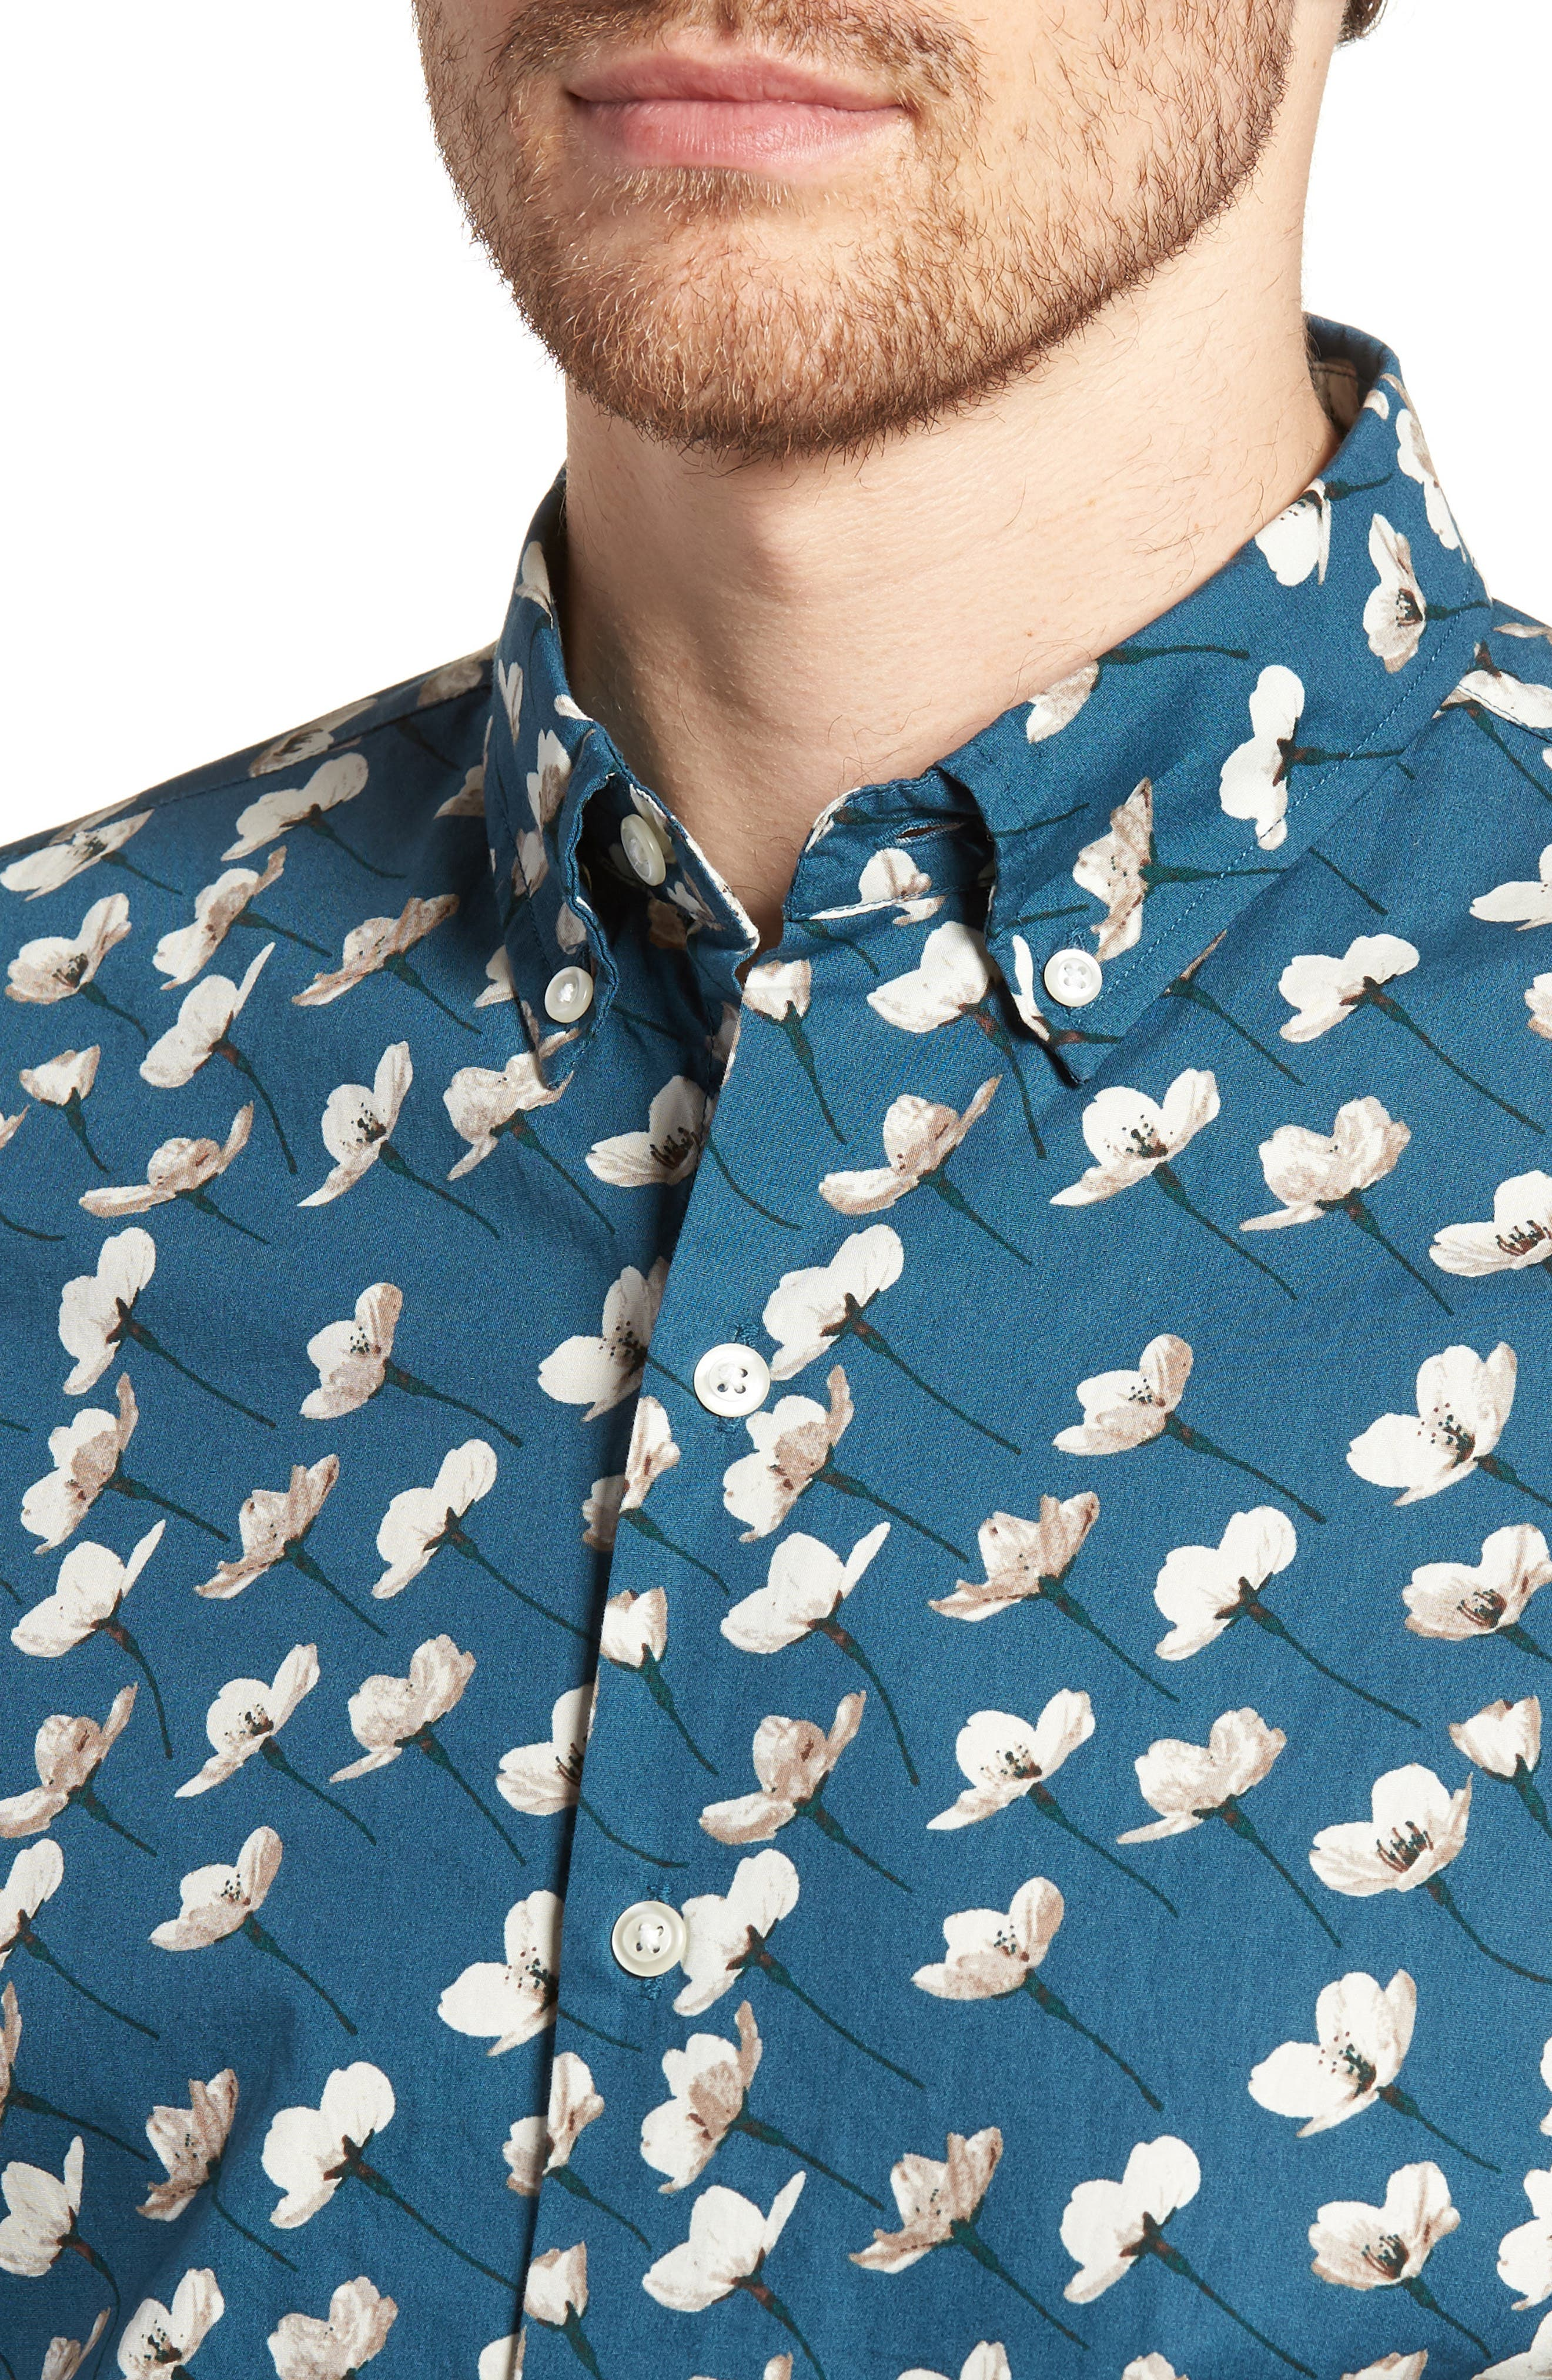 Riviera Slim Fit Cherry Blossom Print Sport Shirt,                             Alternate thumbnail 4, color,                             CHERRY BLOSSOMS-STARGAZER